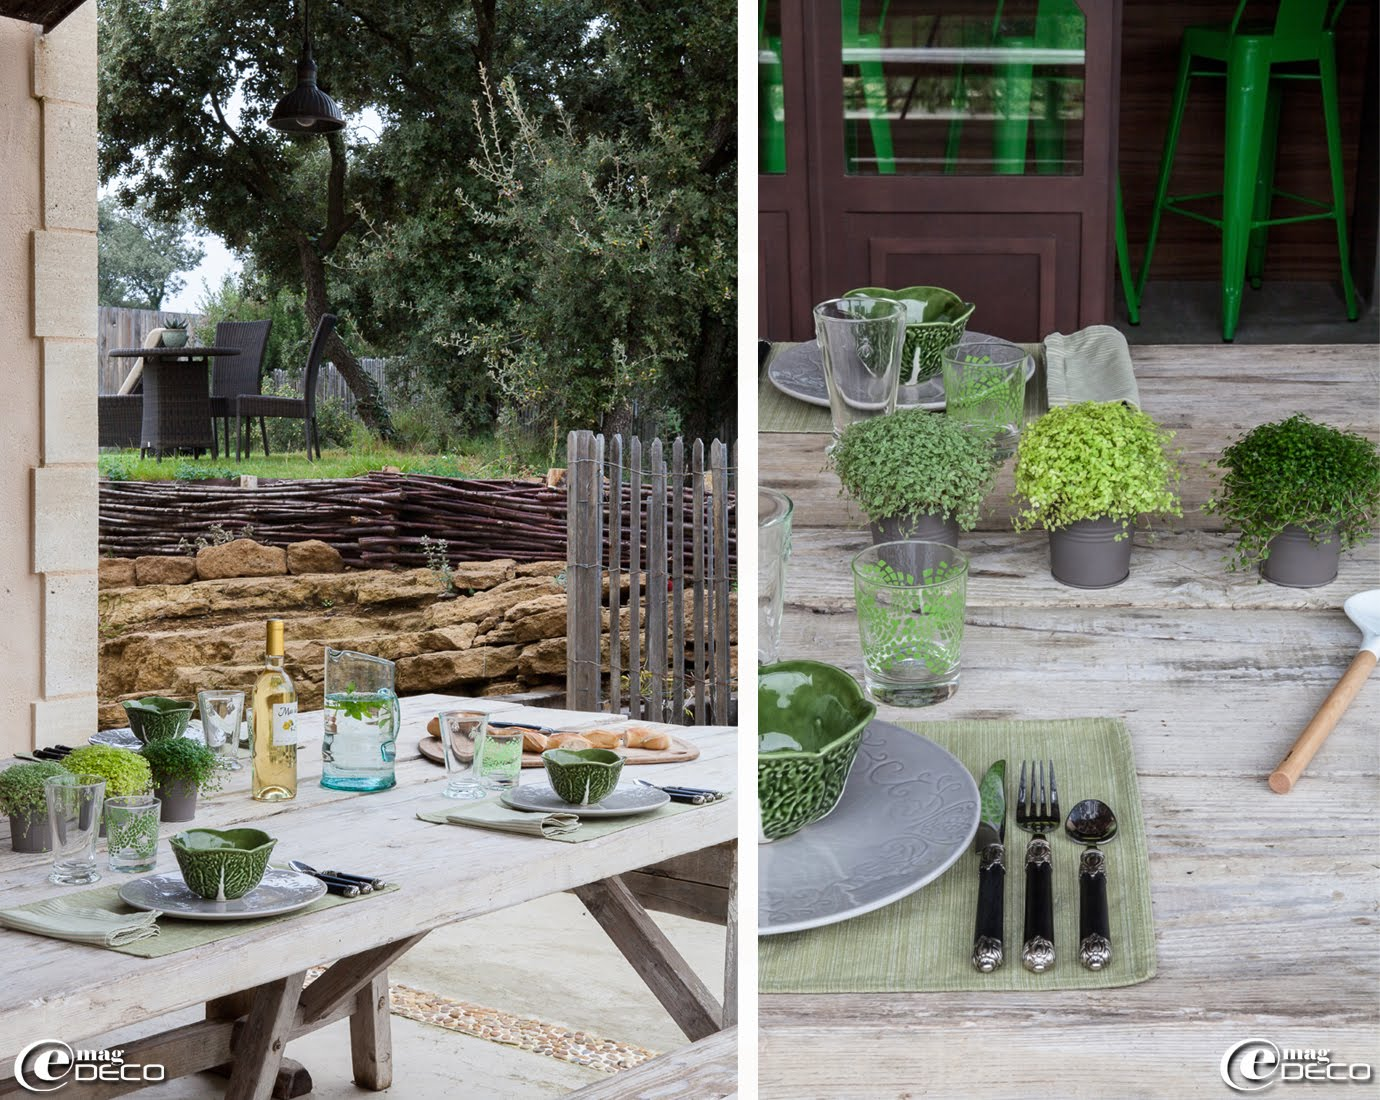 Sous la pergola de la maison d'hôtes de charme 'La Bergerie de Nano', la table a été conçue à partir d'anciens tréteaux et de vieilles planches d'échafaudage laissées brutes